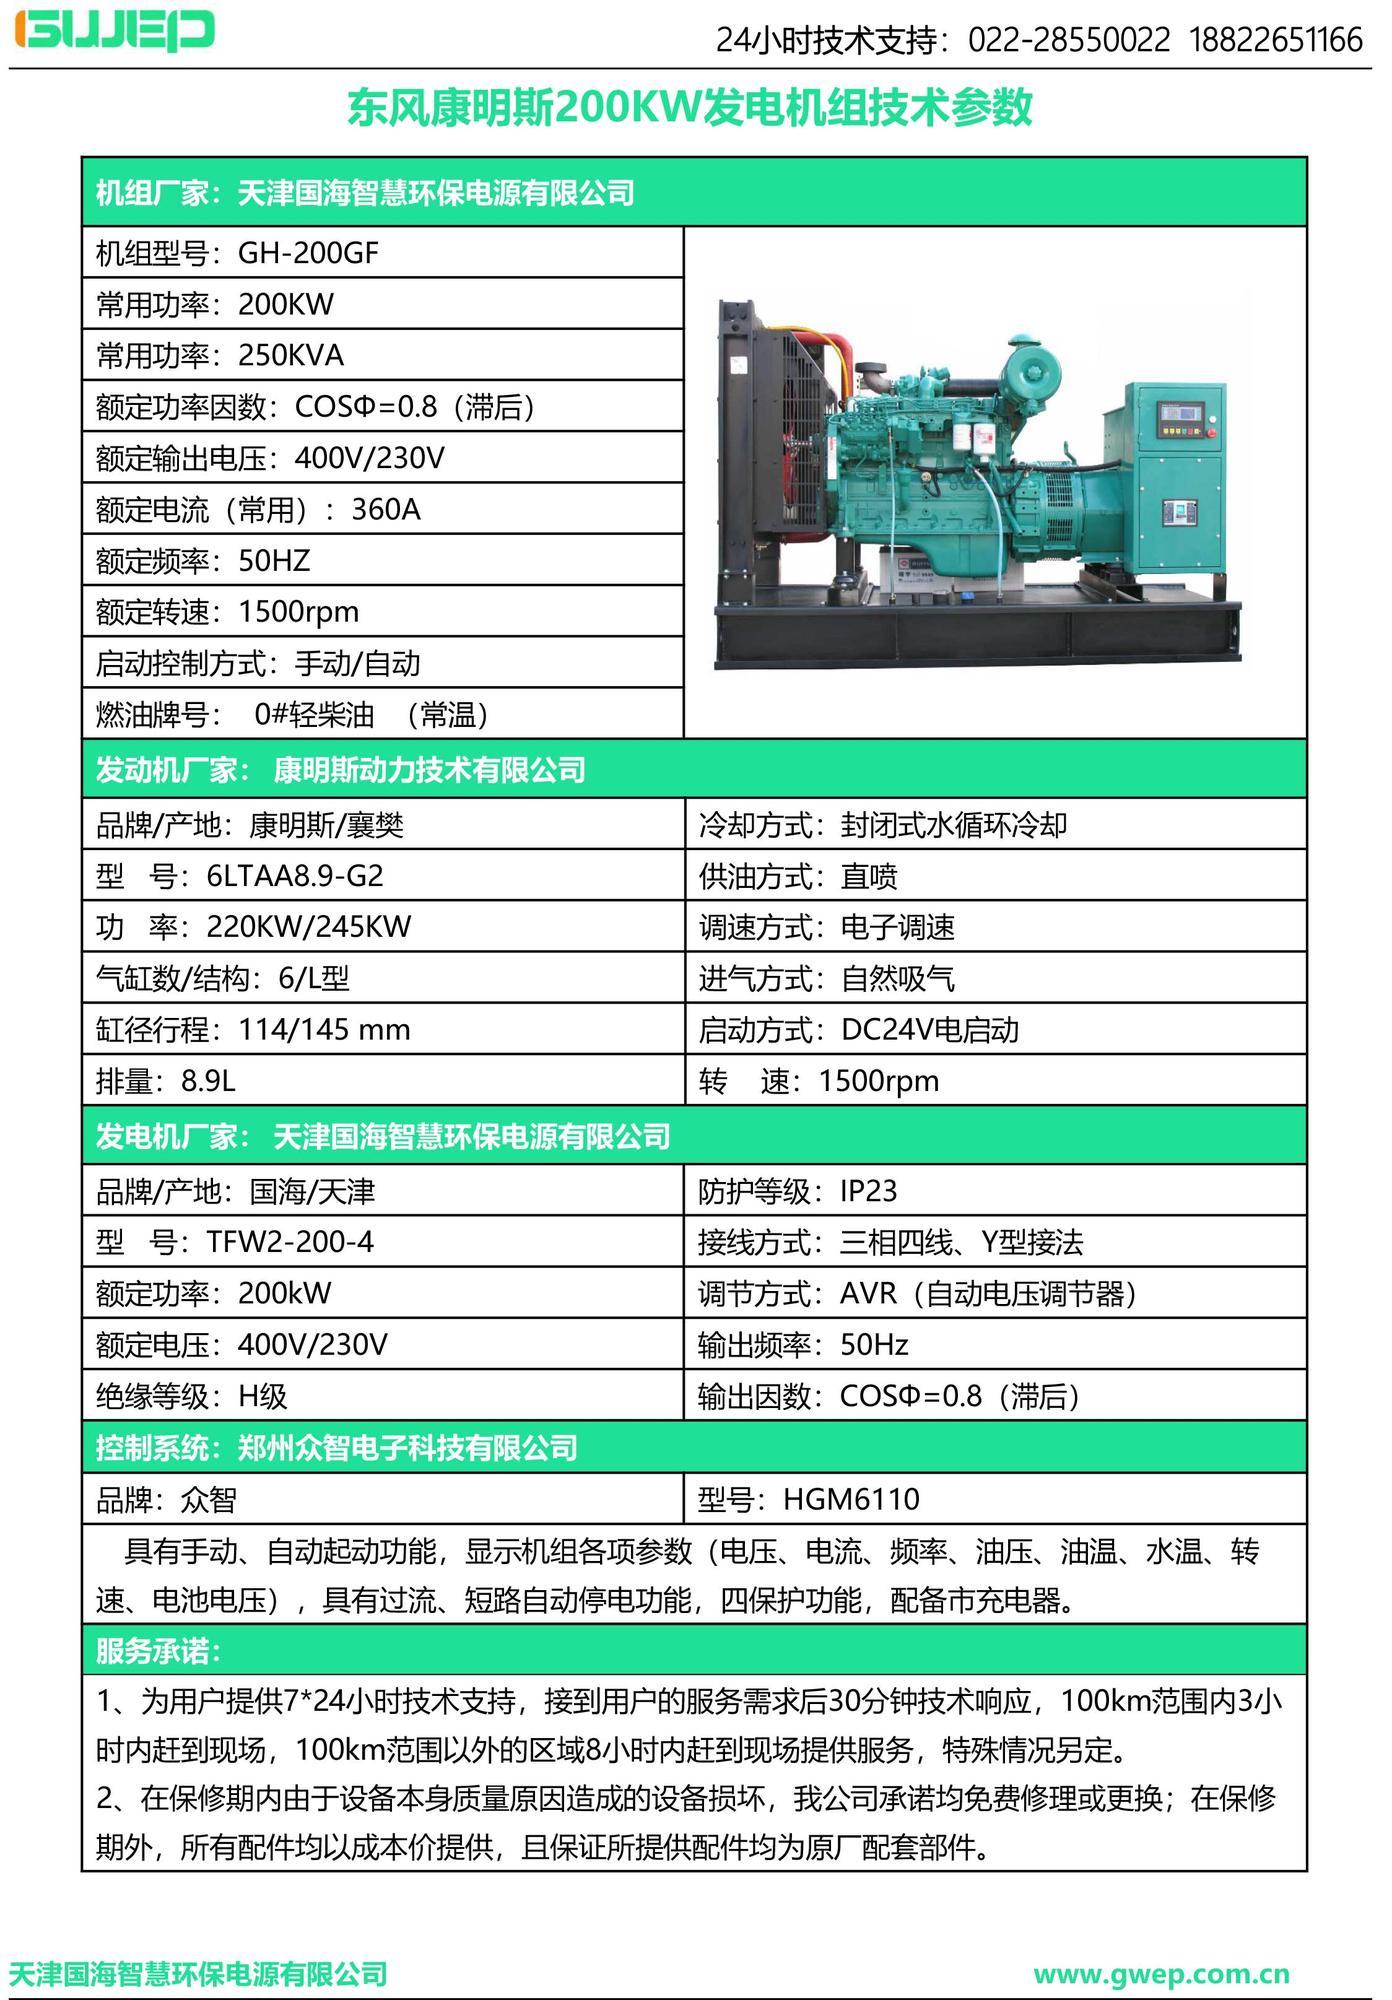 康明斯200KW发电机组技术资料-2.jpg